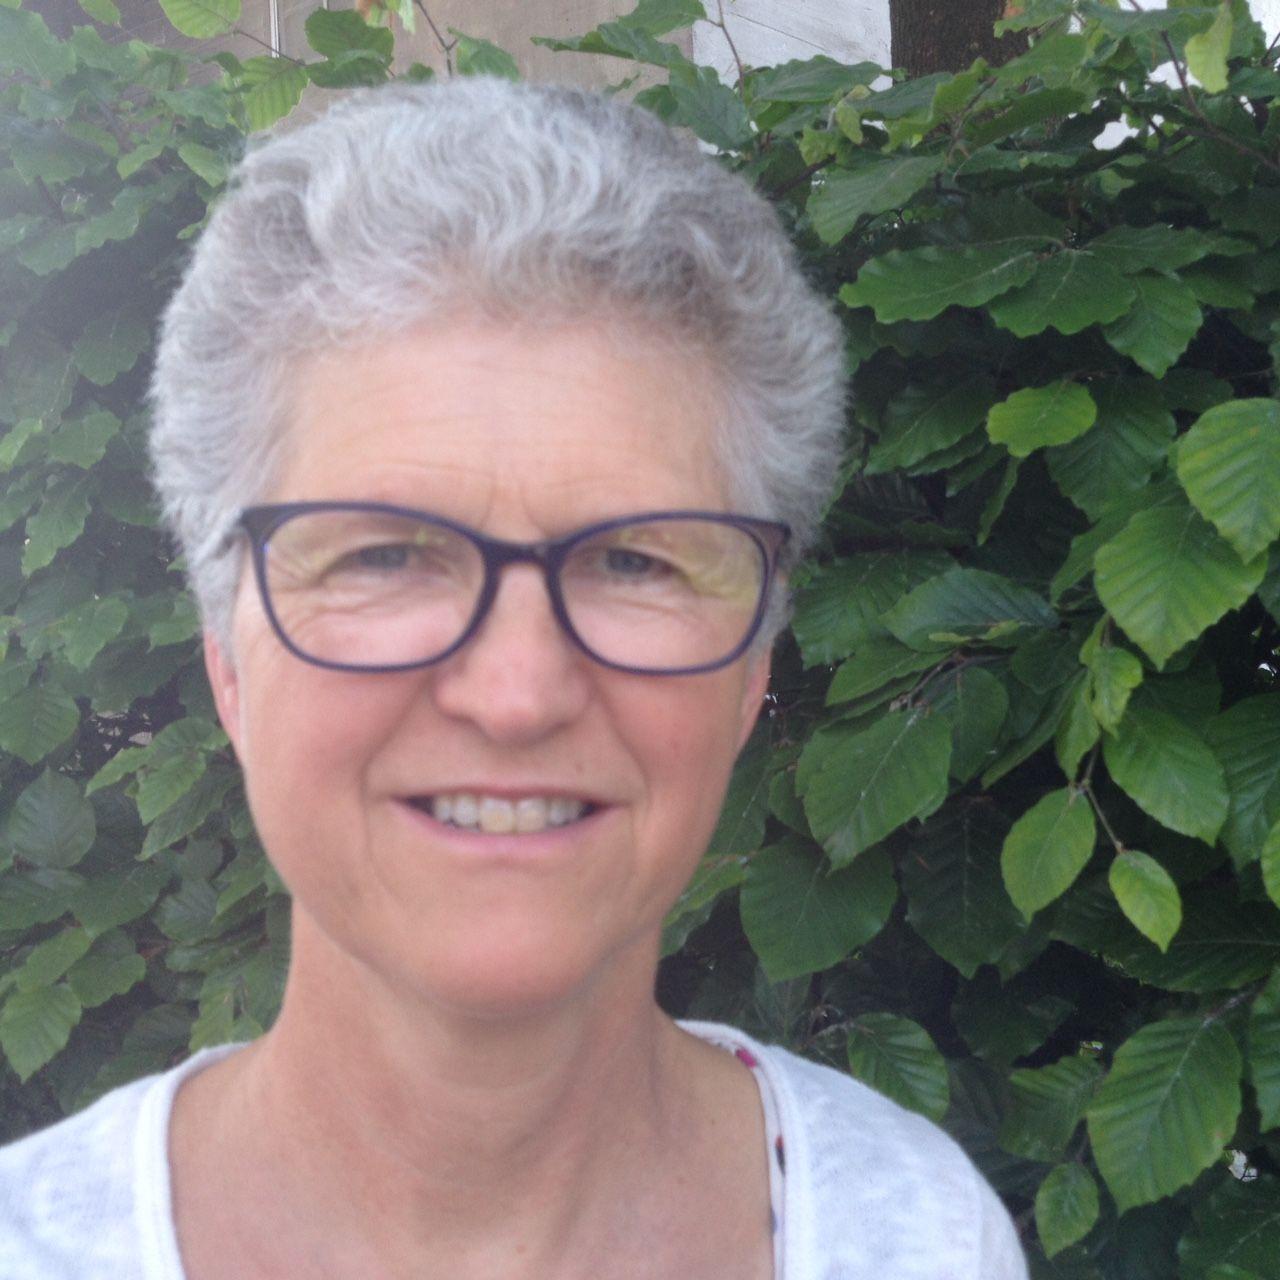 UNGDOM VIL SKJULE NOE: Helsesøster Berit Johansen tror nakenbilder er det dagens ungdom holder hemmelig for de voksne